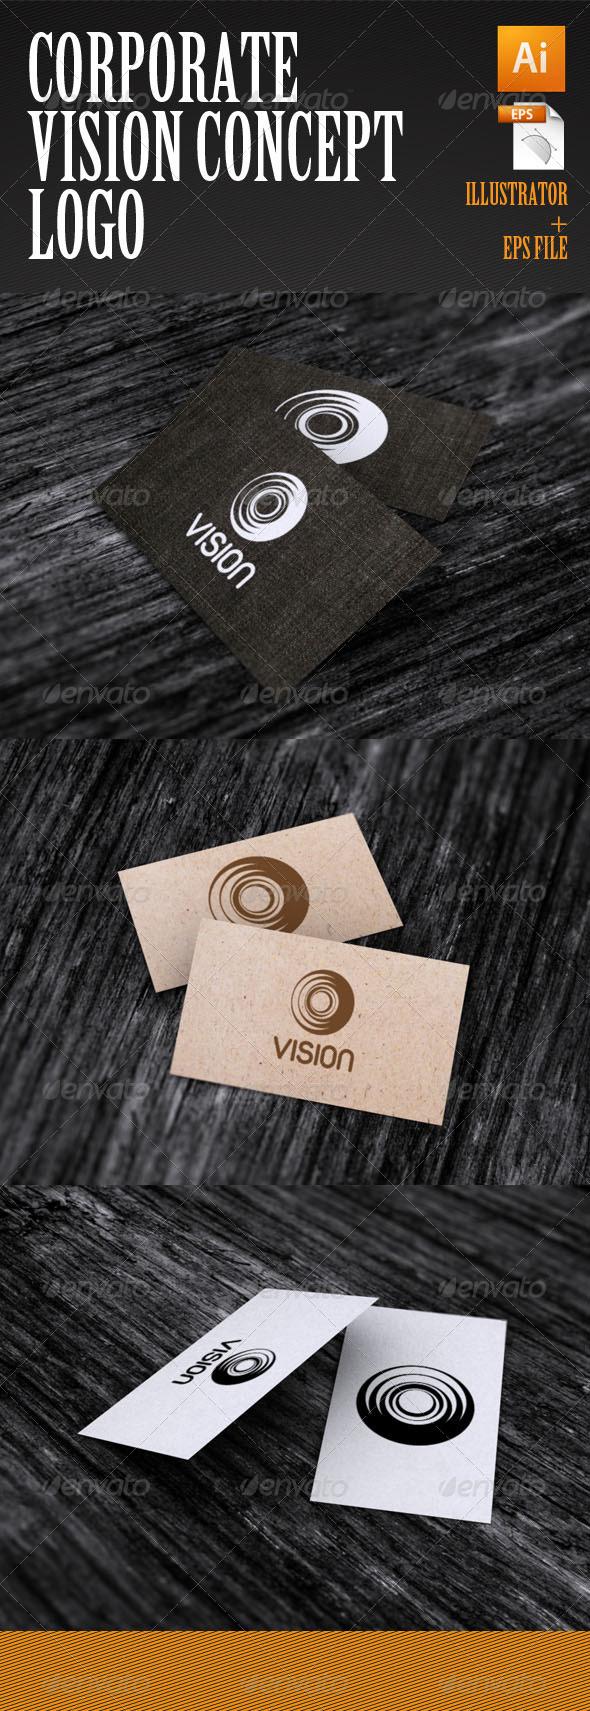 GraphicRiver Corporate Vision Concept Logo 4065151